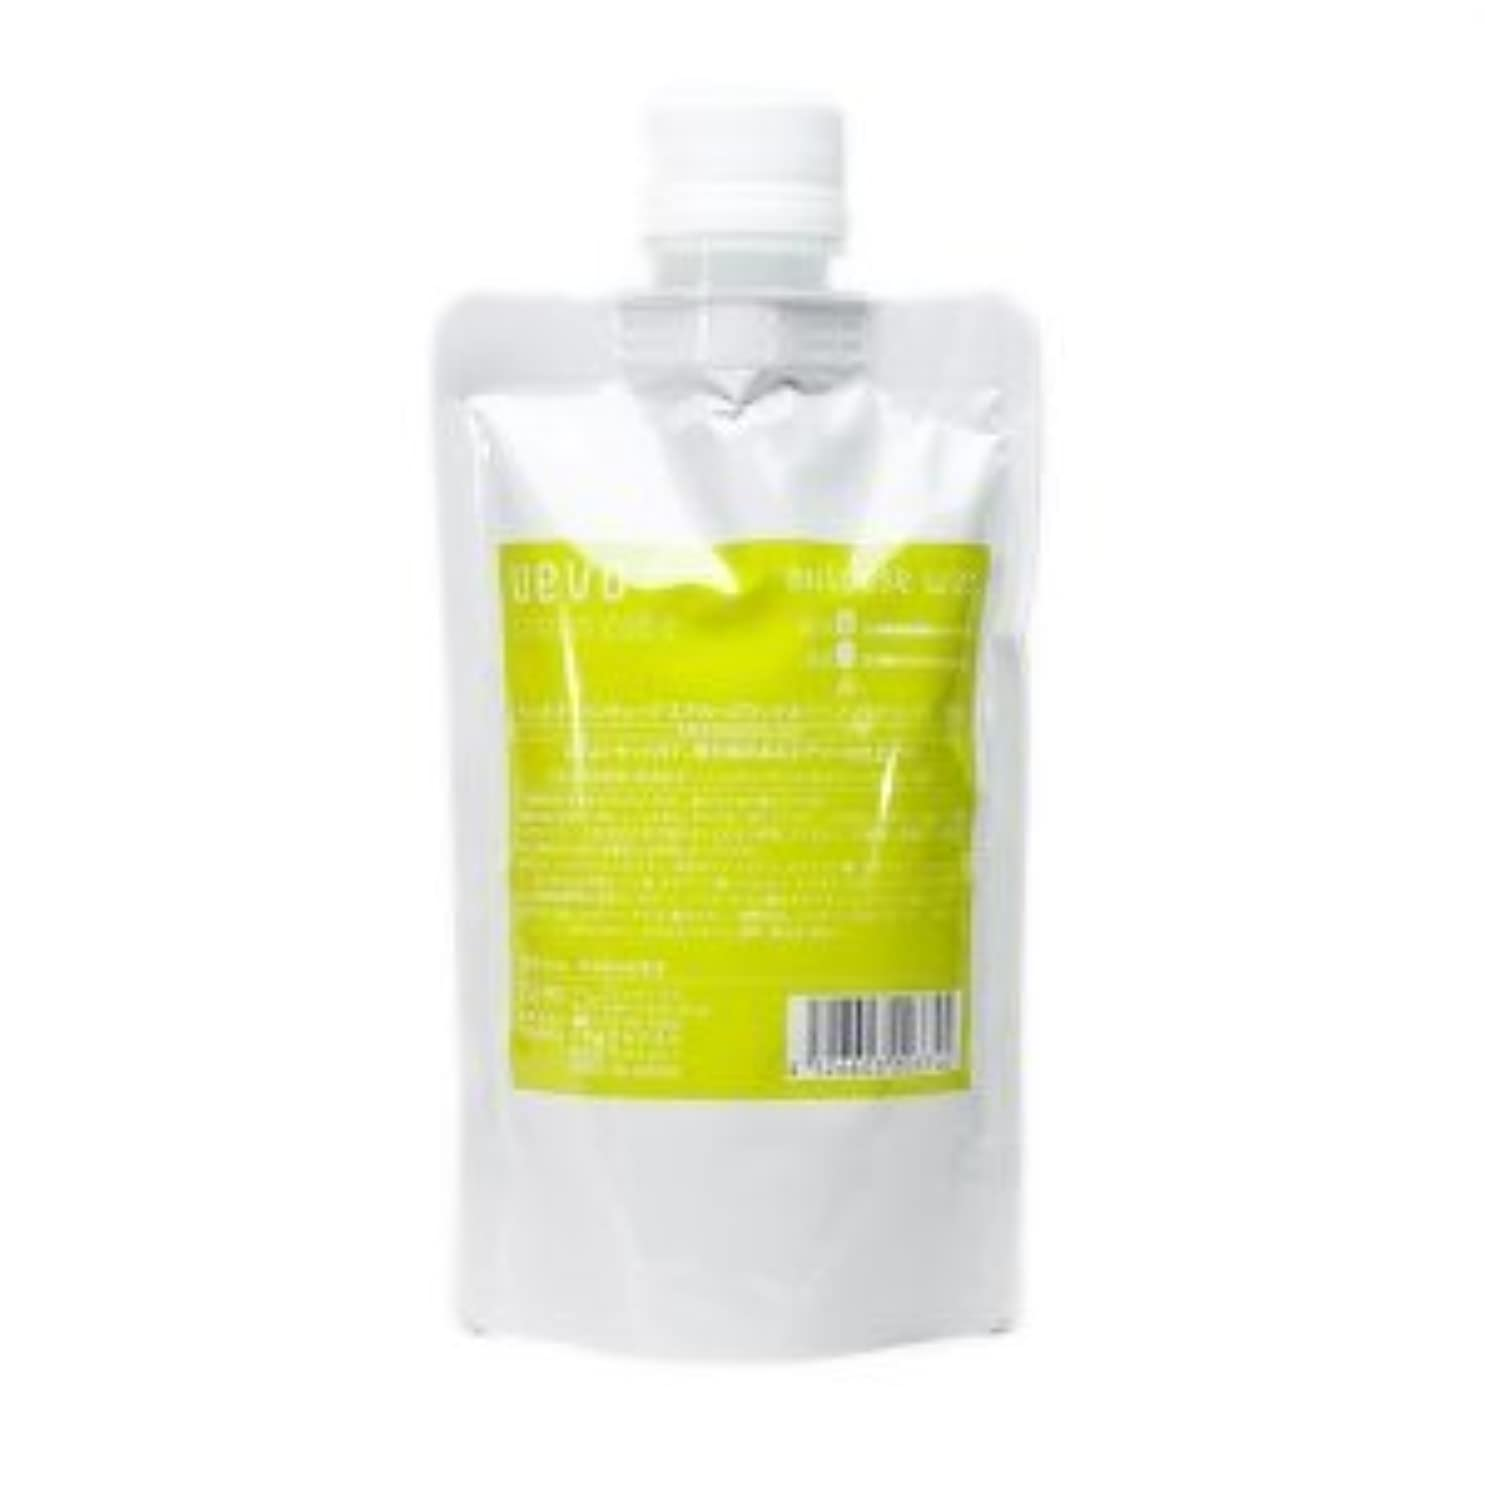 原油独立した社説【X2個セット】 デミ ウェーボ デザインキューブ エアルーズワックス 200g 業務用 airloose wax DEMI uevo design cube